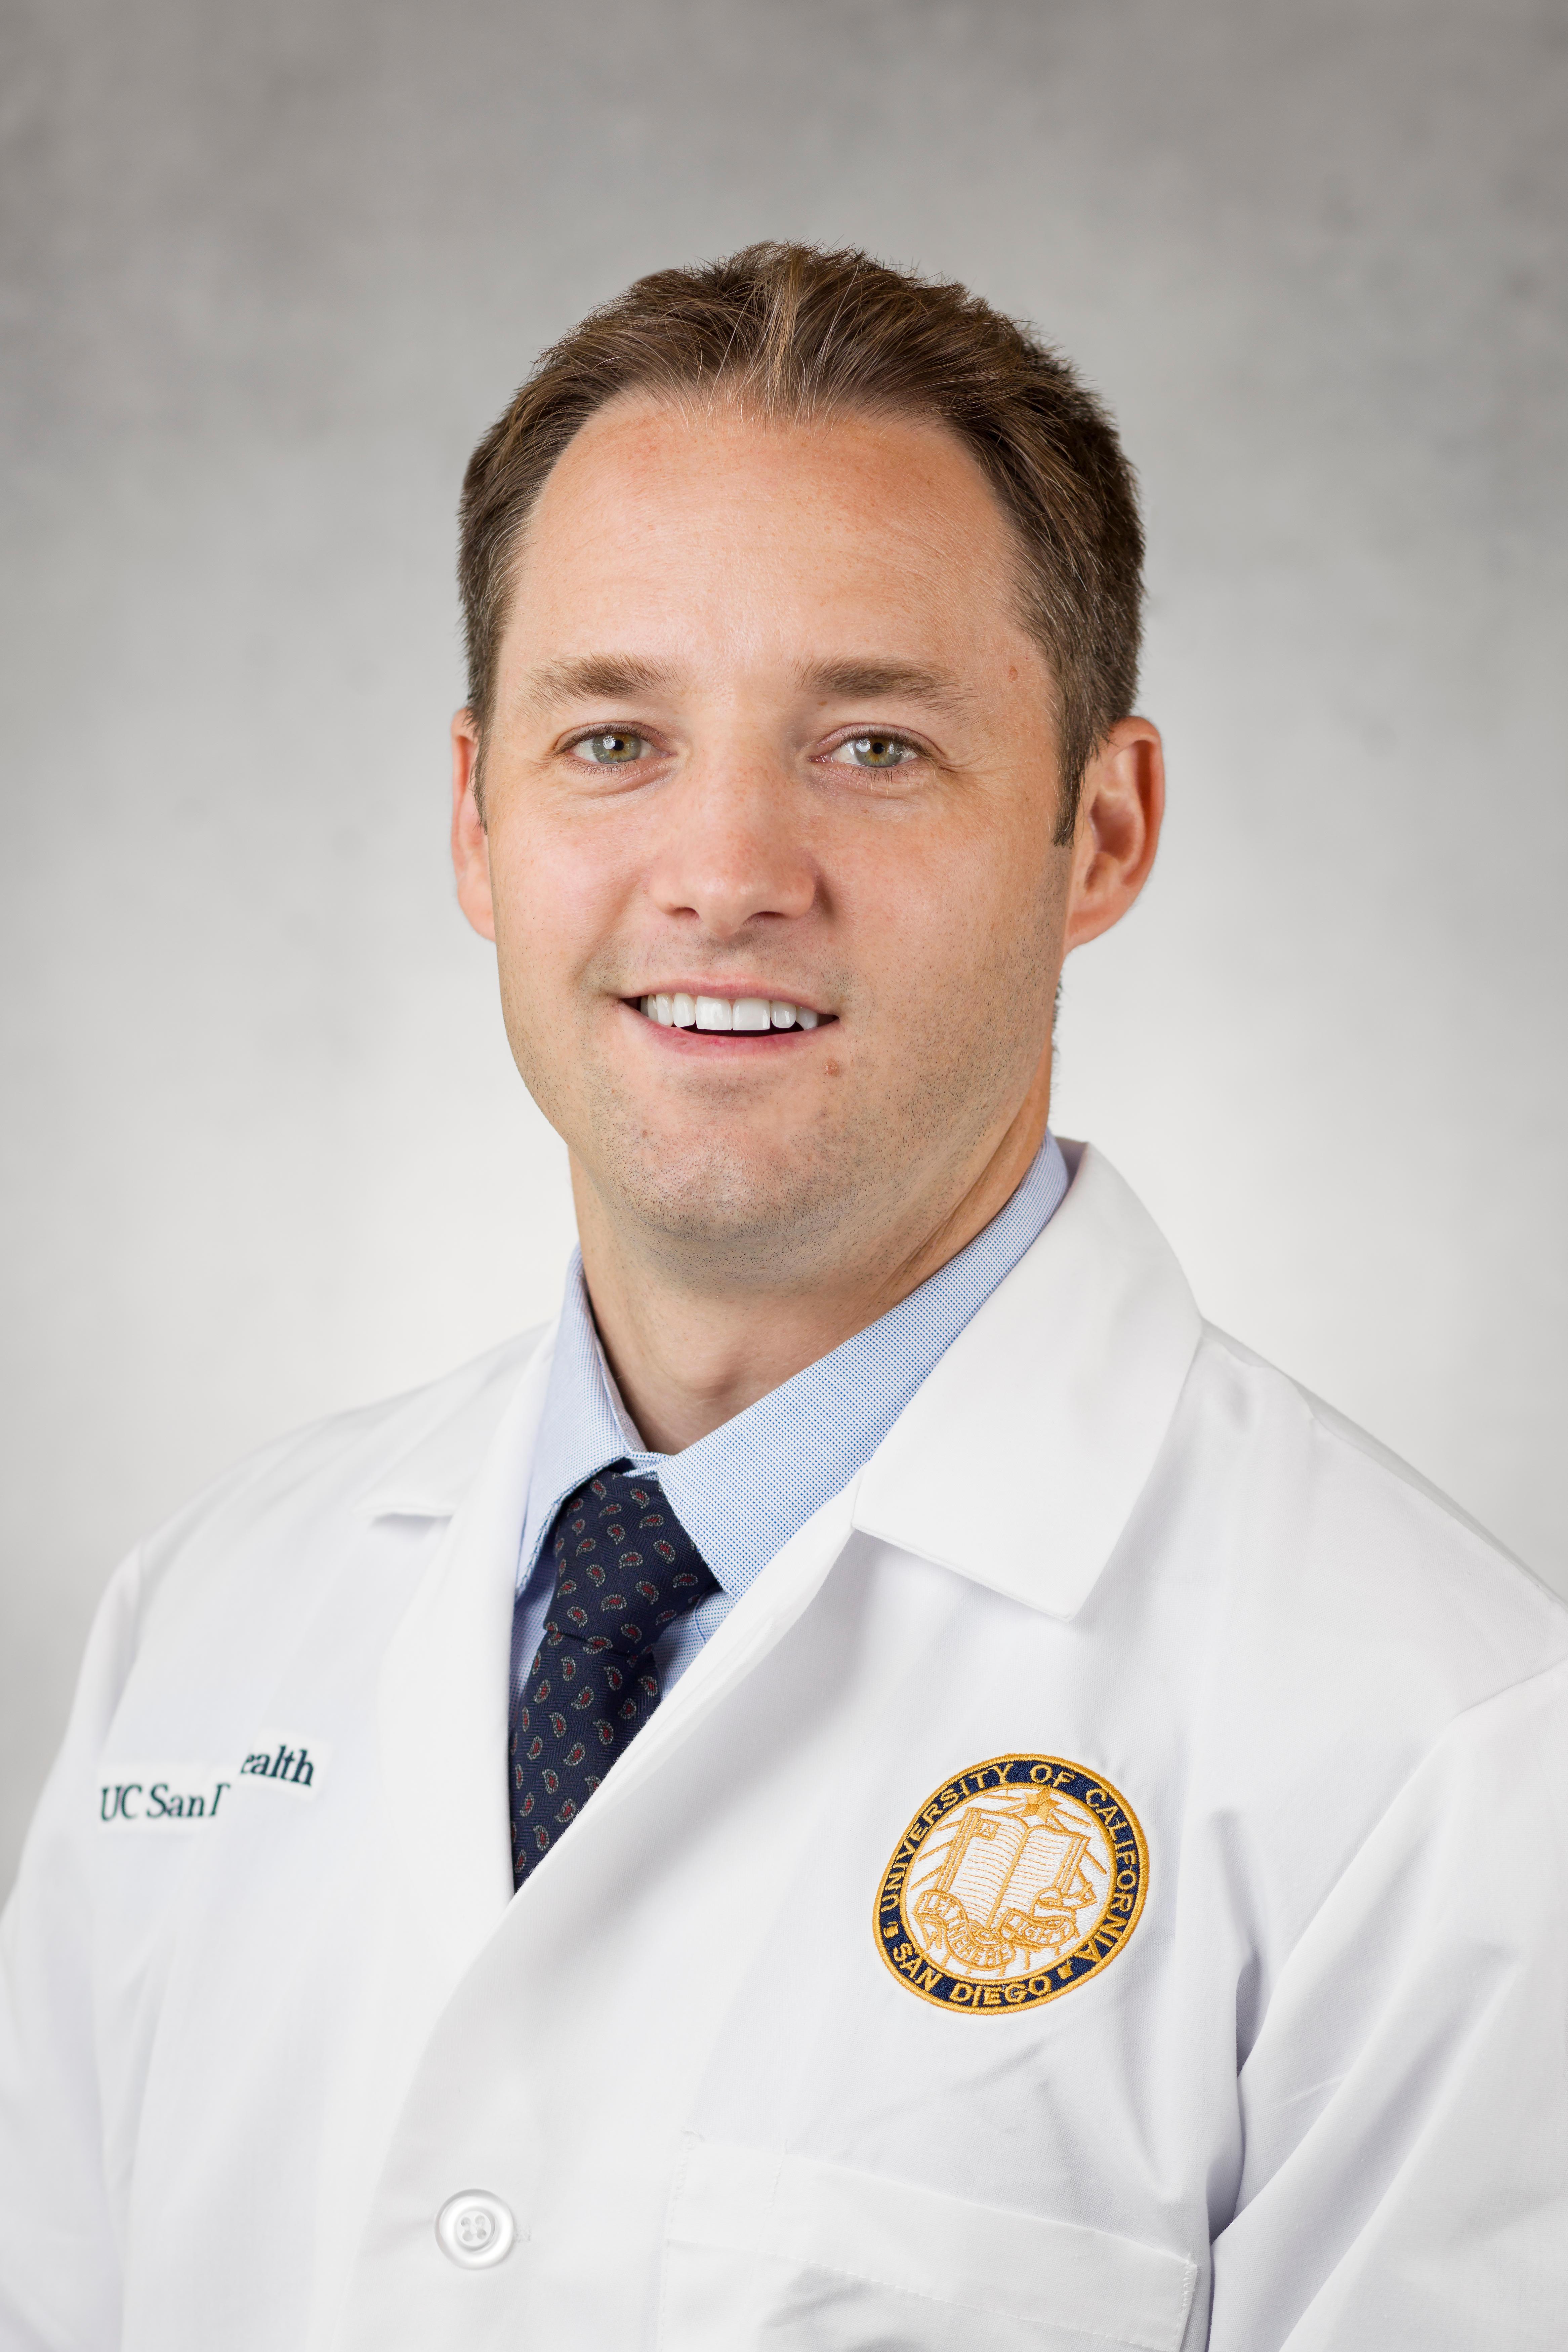 Iain J. Macewan, MD